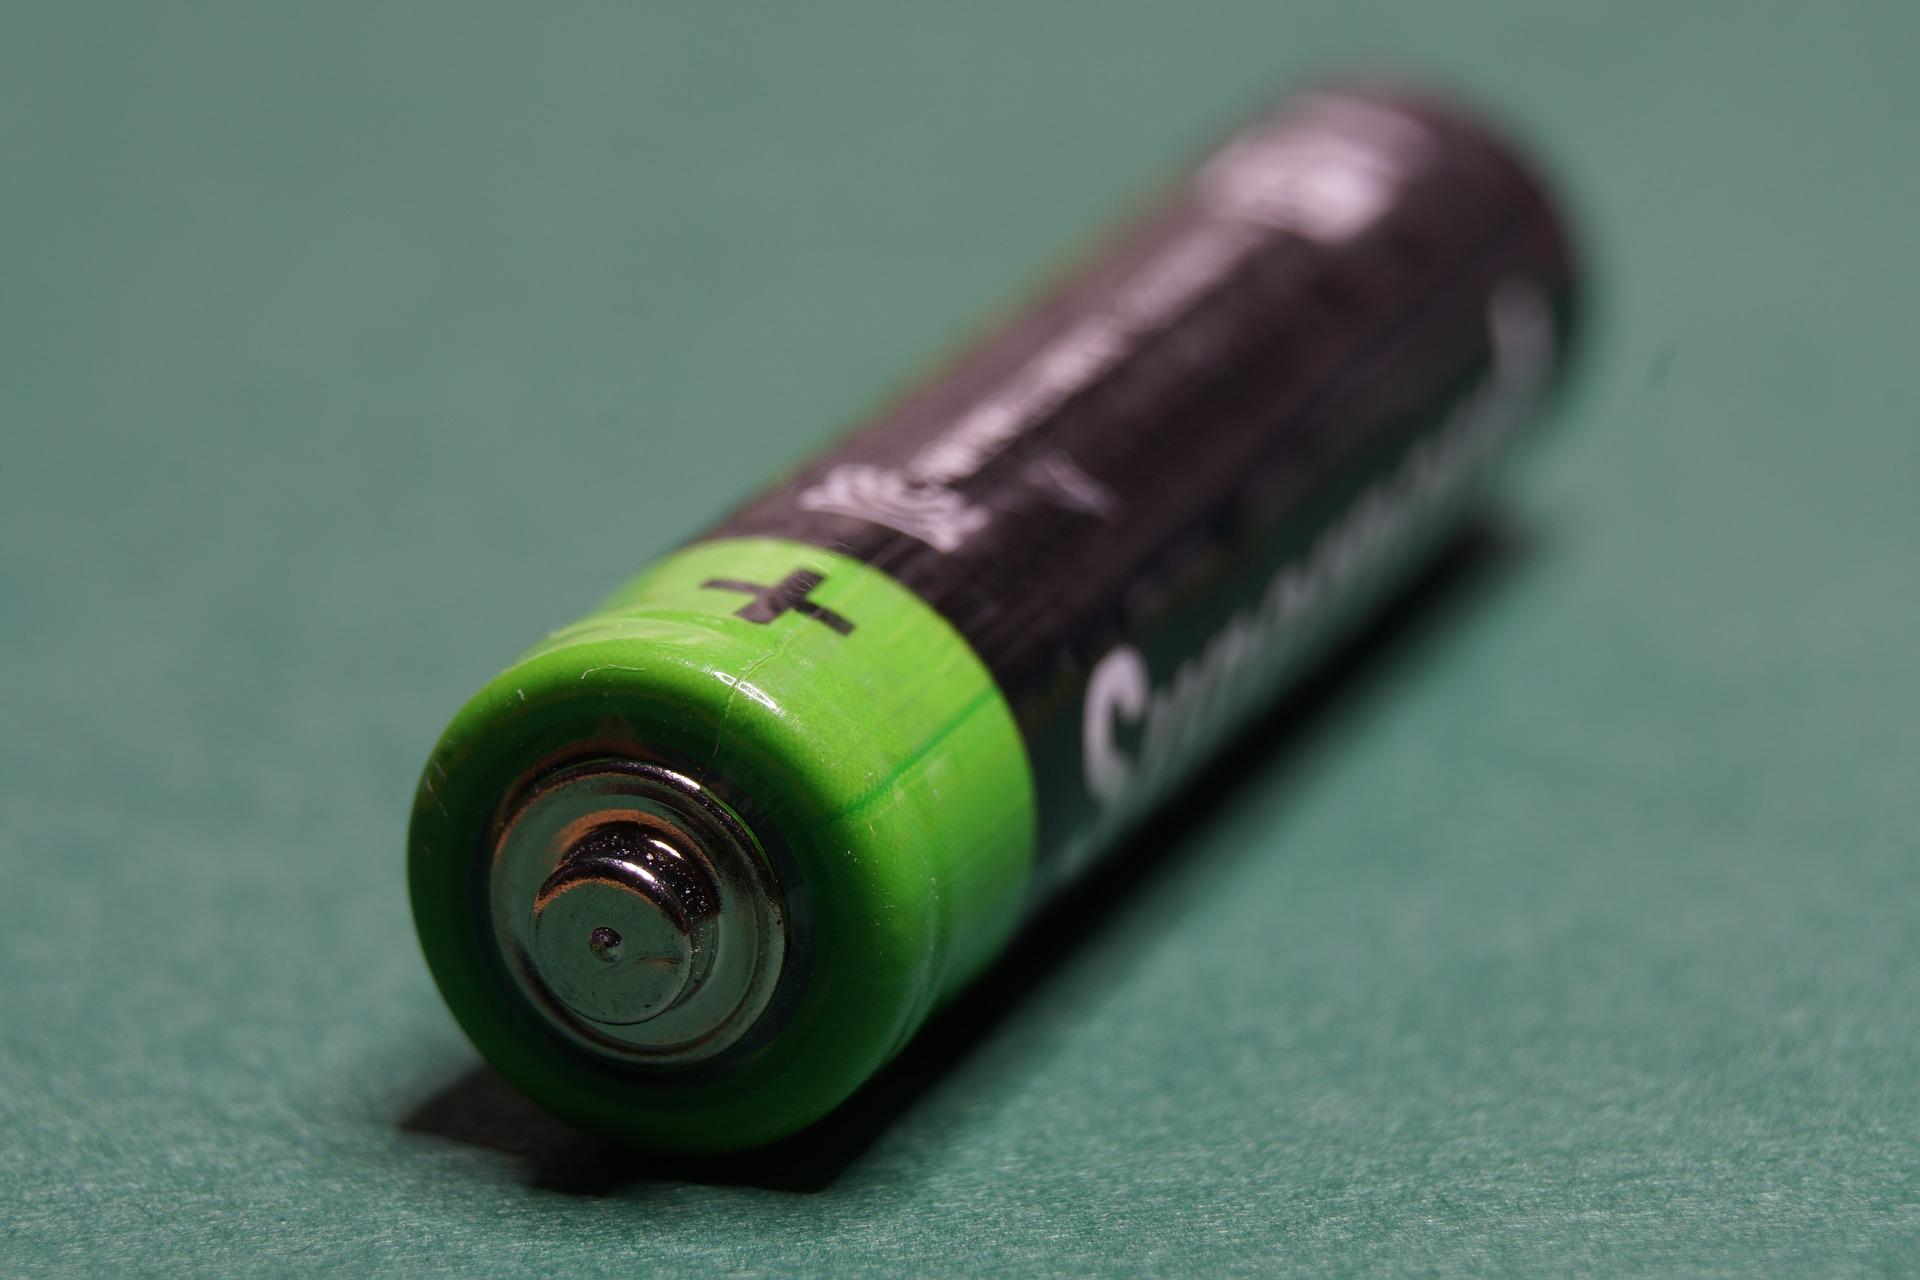 battery-1761602_1920.jpg